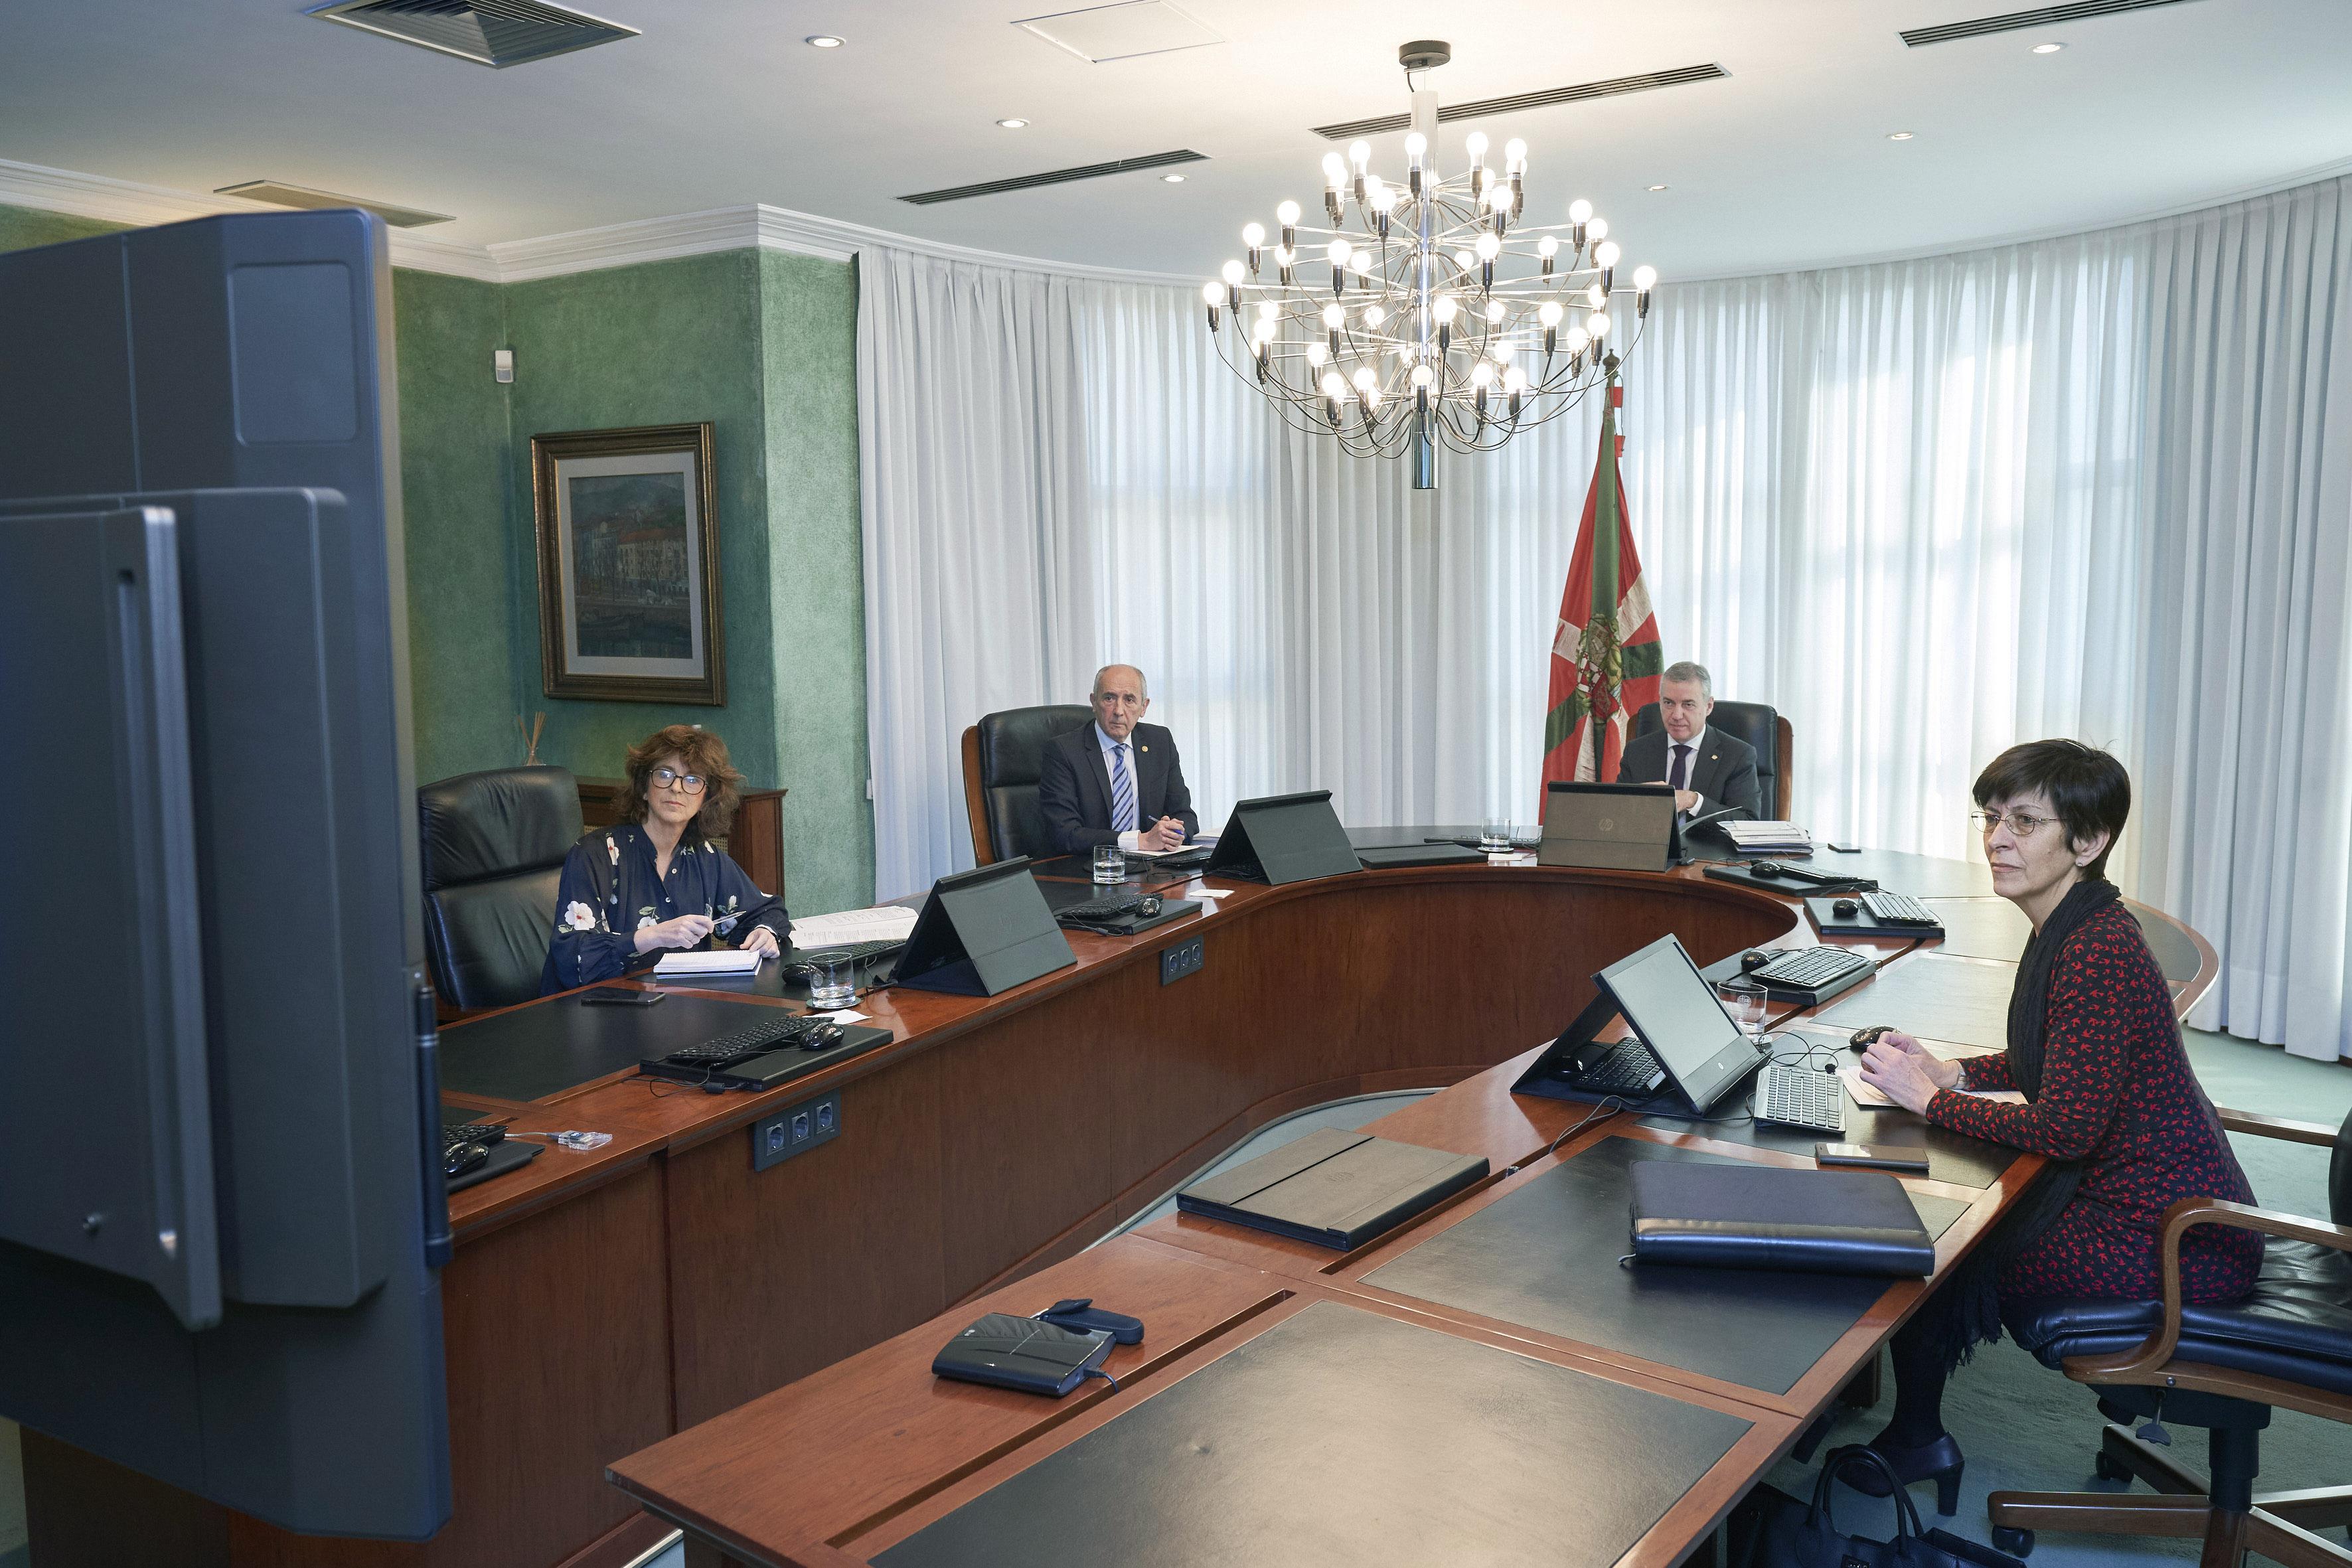 El Lehendakari preside por videoconferencia la reunión del Consejo de Gobierno